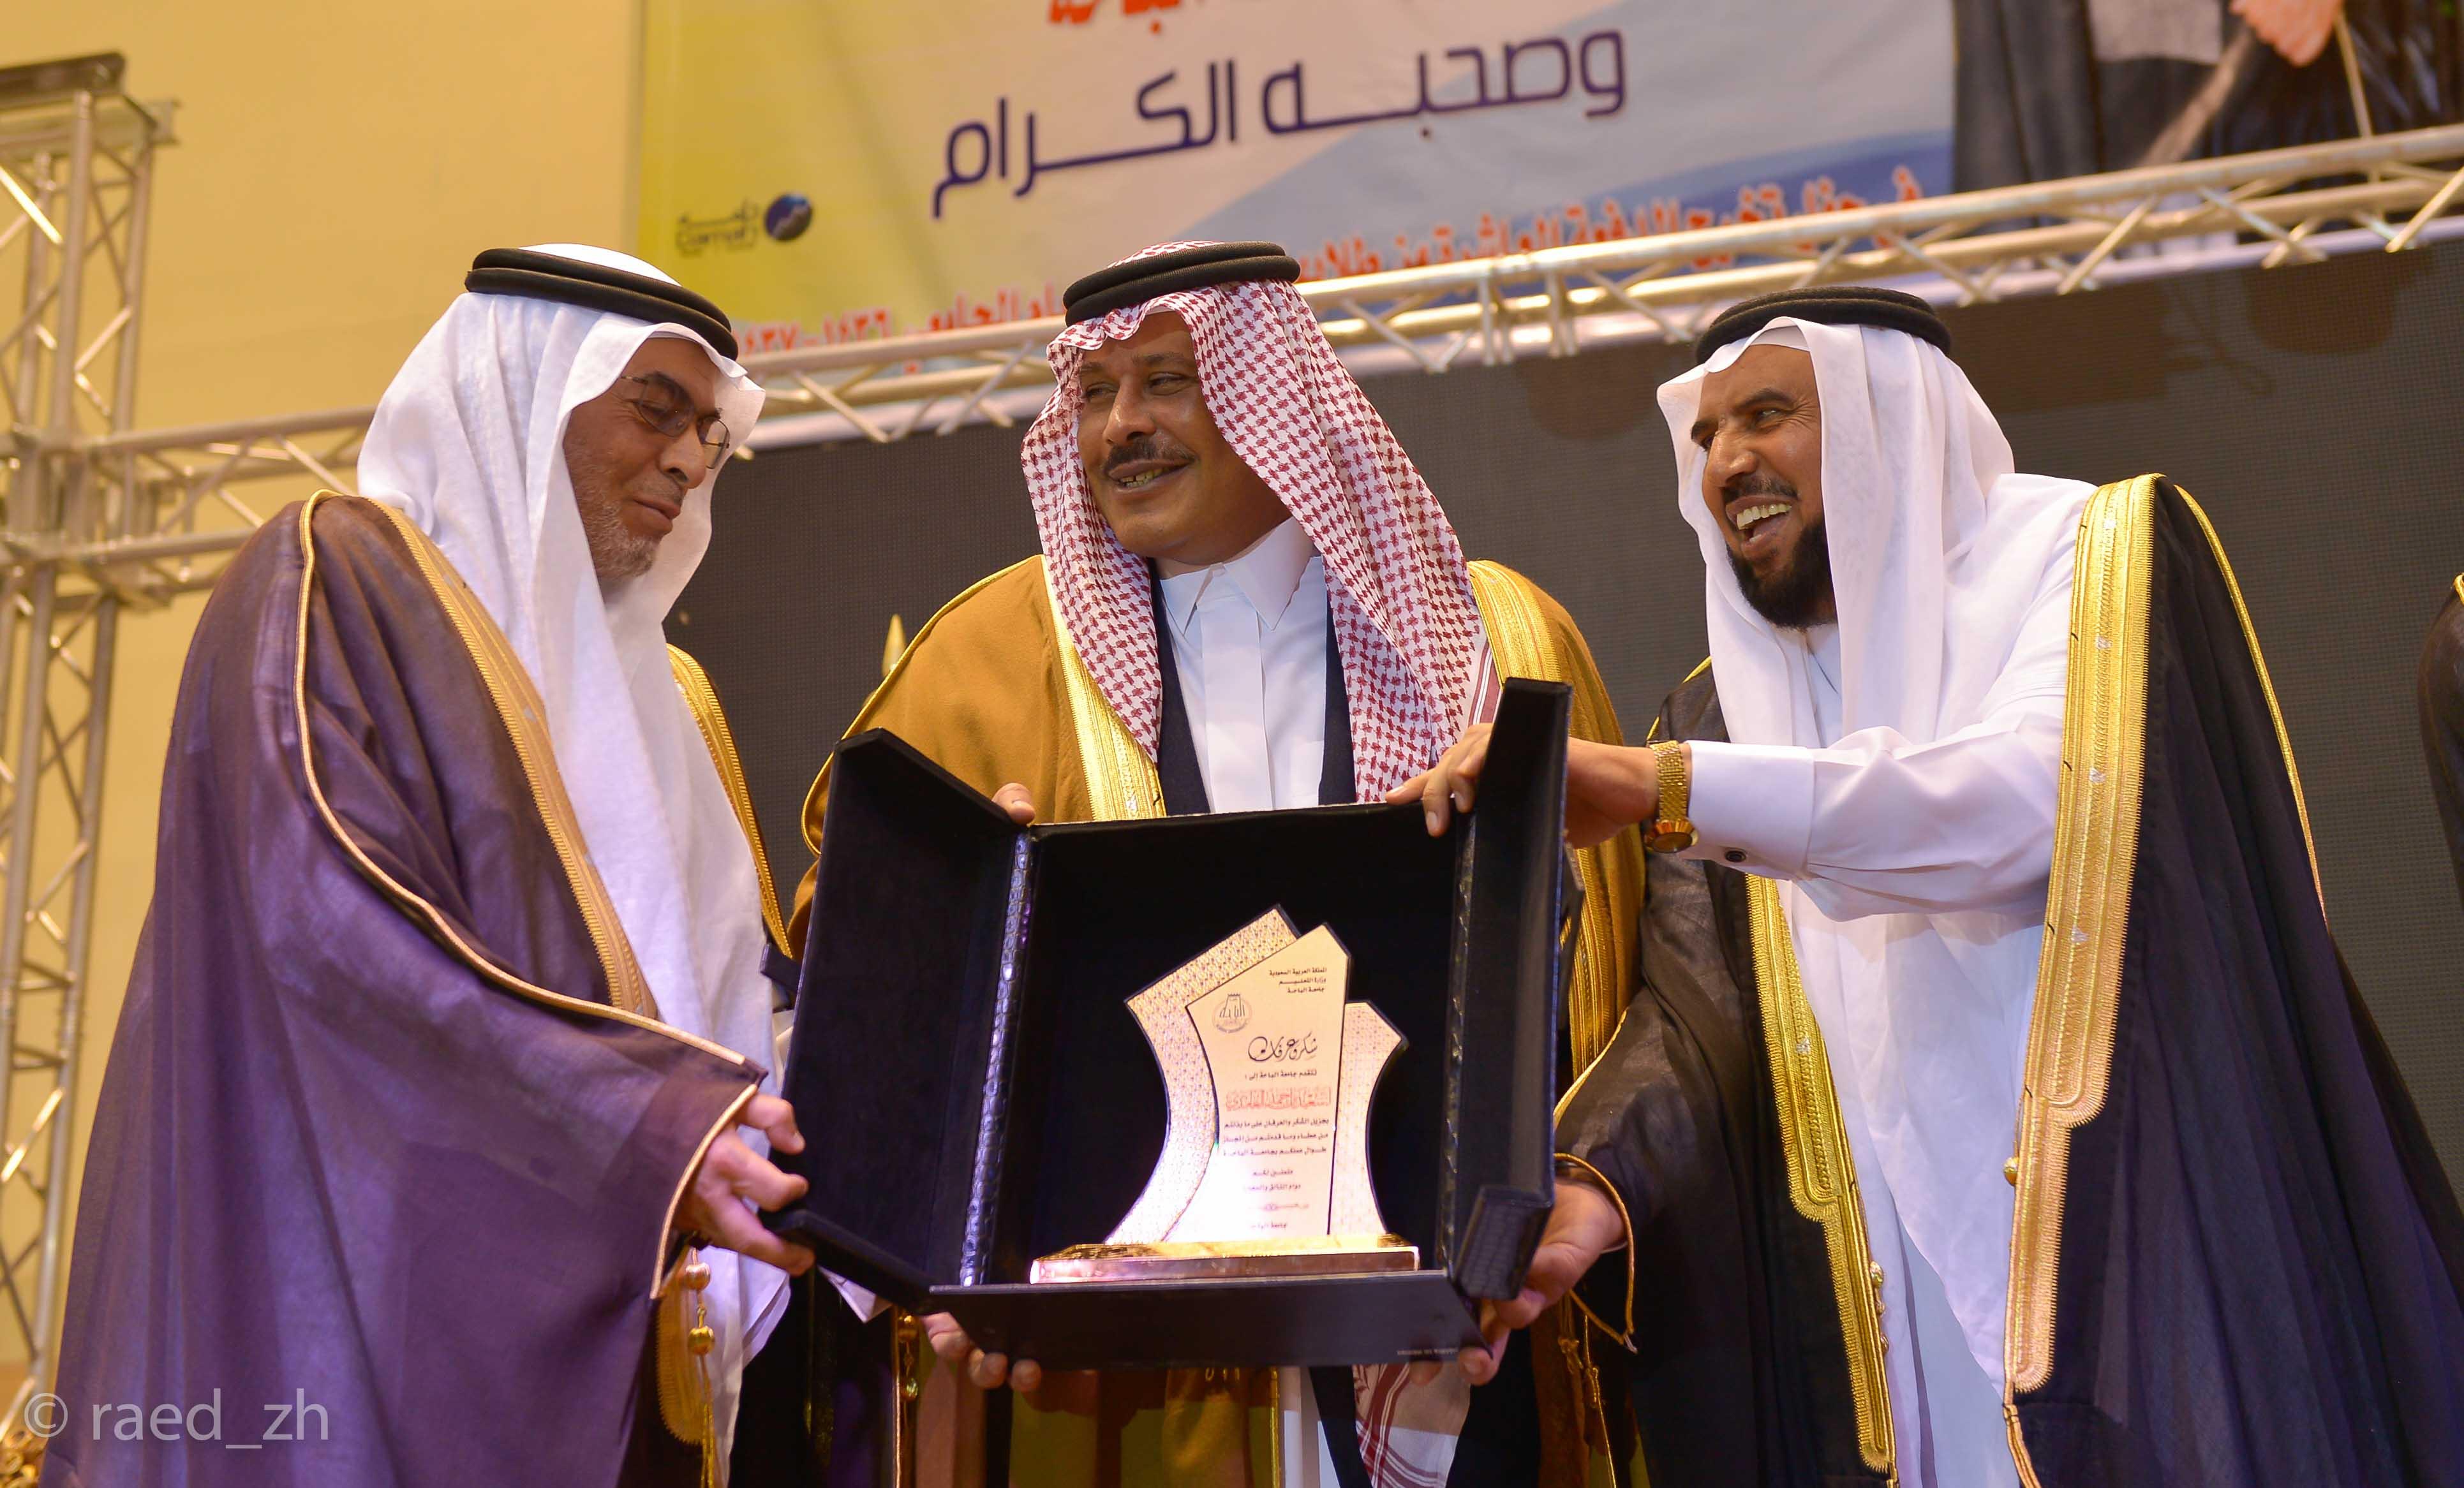 امير الباحة يرعى تخريج الدفعة العاشرة من طلاب وطالبات جامعة الباحة (26)